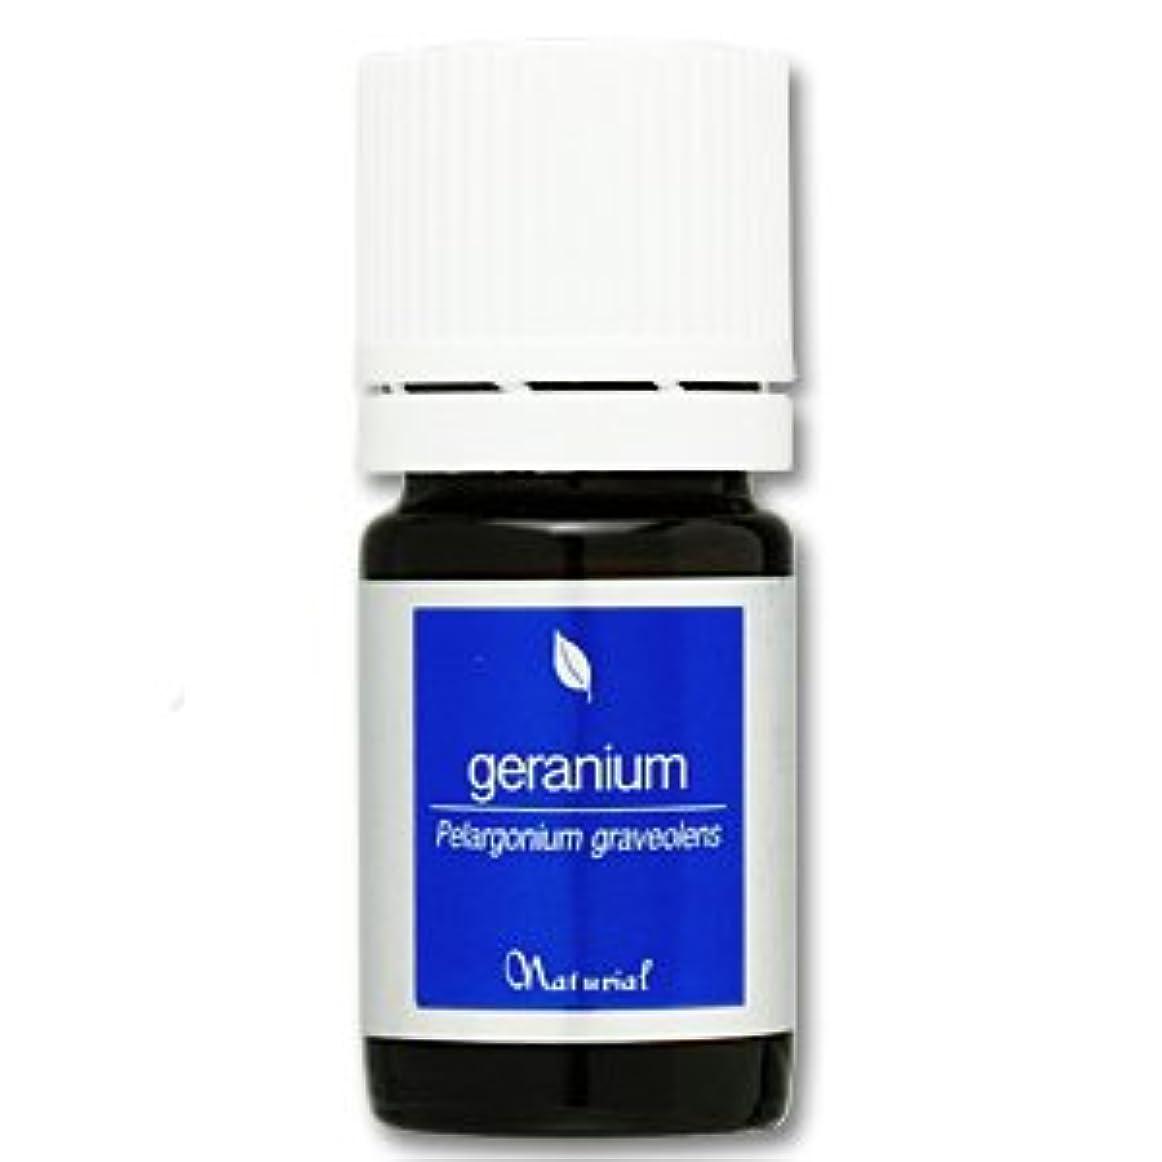 100%天然 ゼラニウム 5ml 【精油/エッセンシャルオイル/アロマオイル/手作り石鹸/手作りコスメ/アロマテラピー】